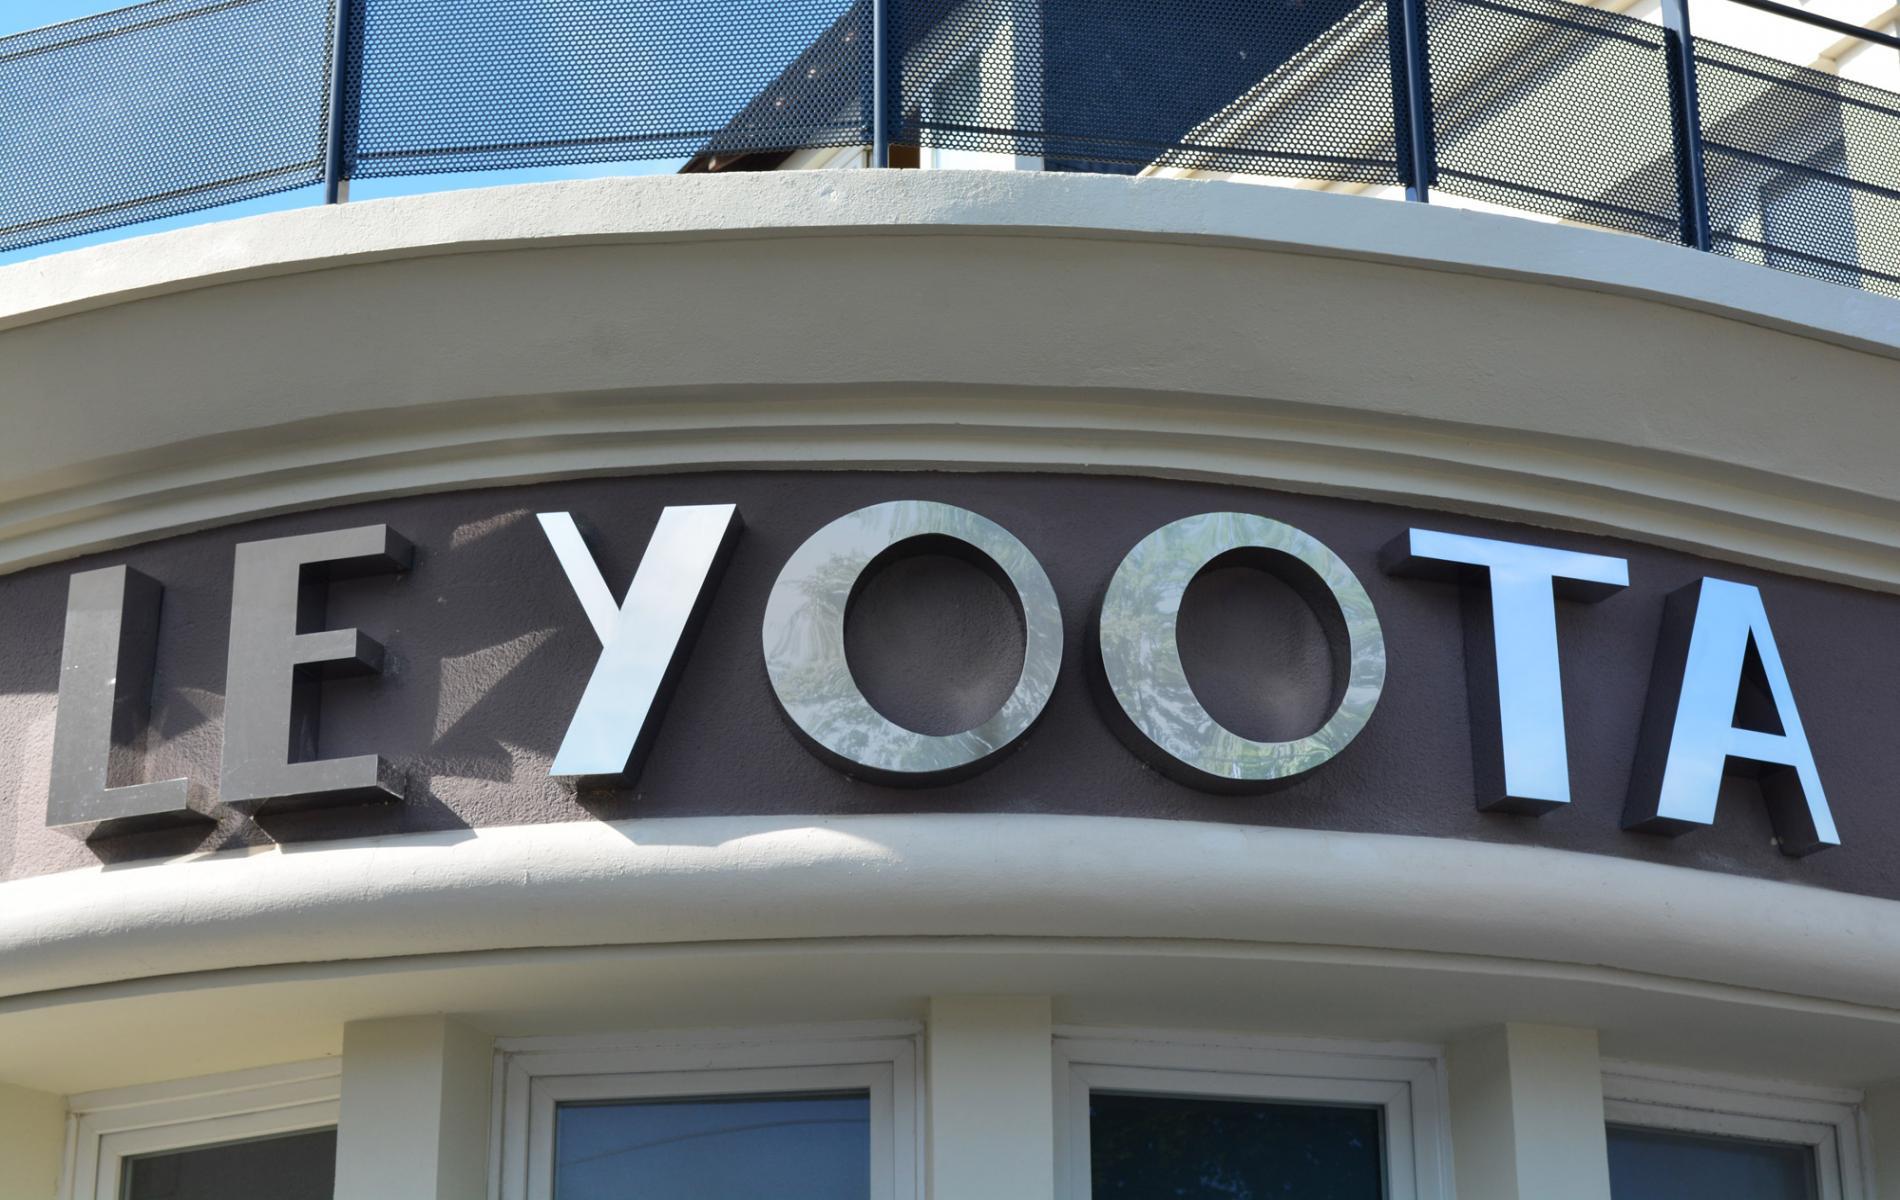 Enseigne extérieure en lettres boîtiers inox poli miroir - Le Yoota à Caen